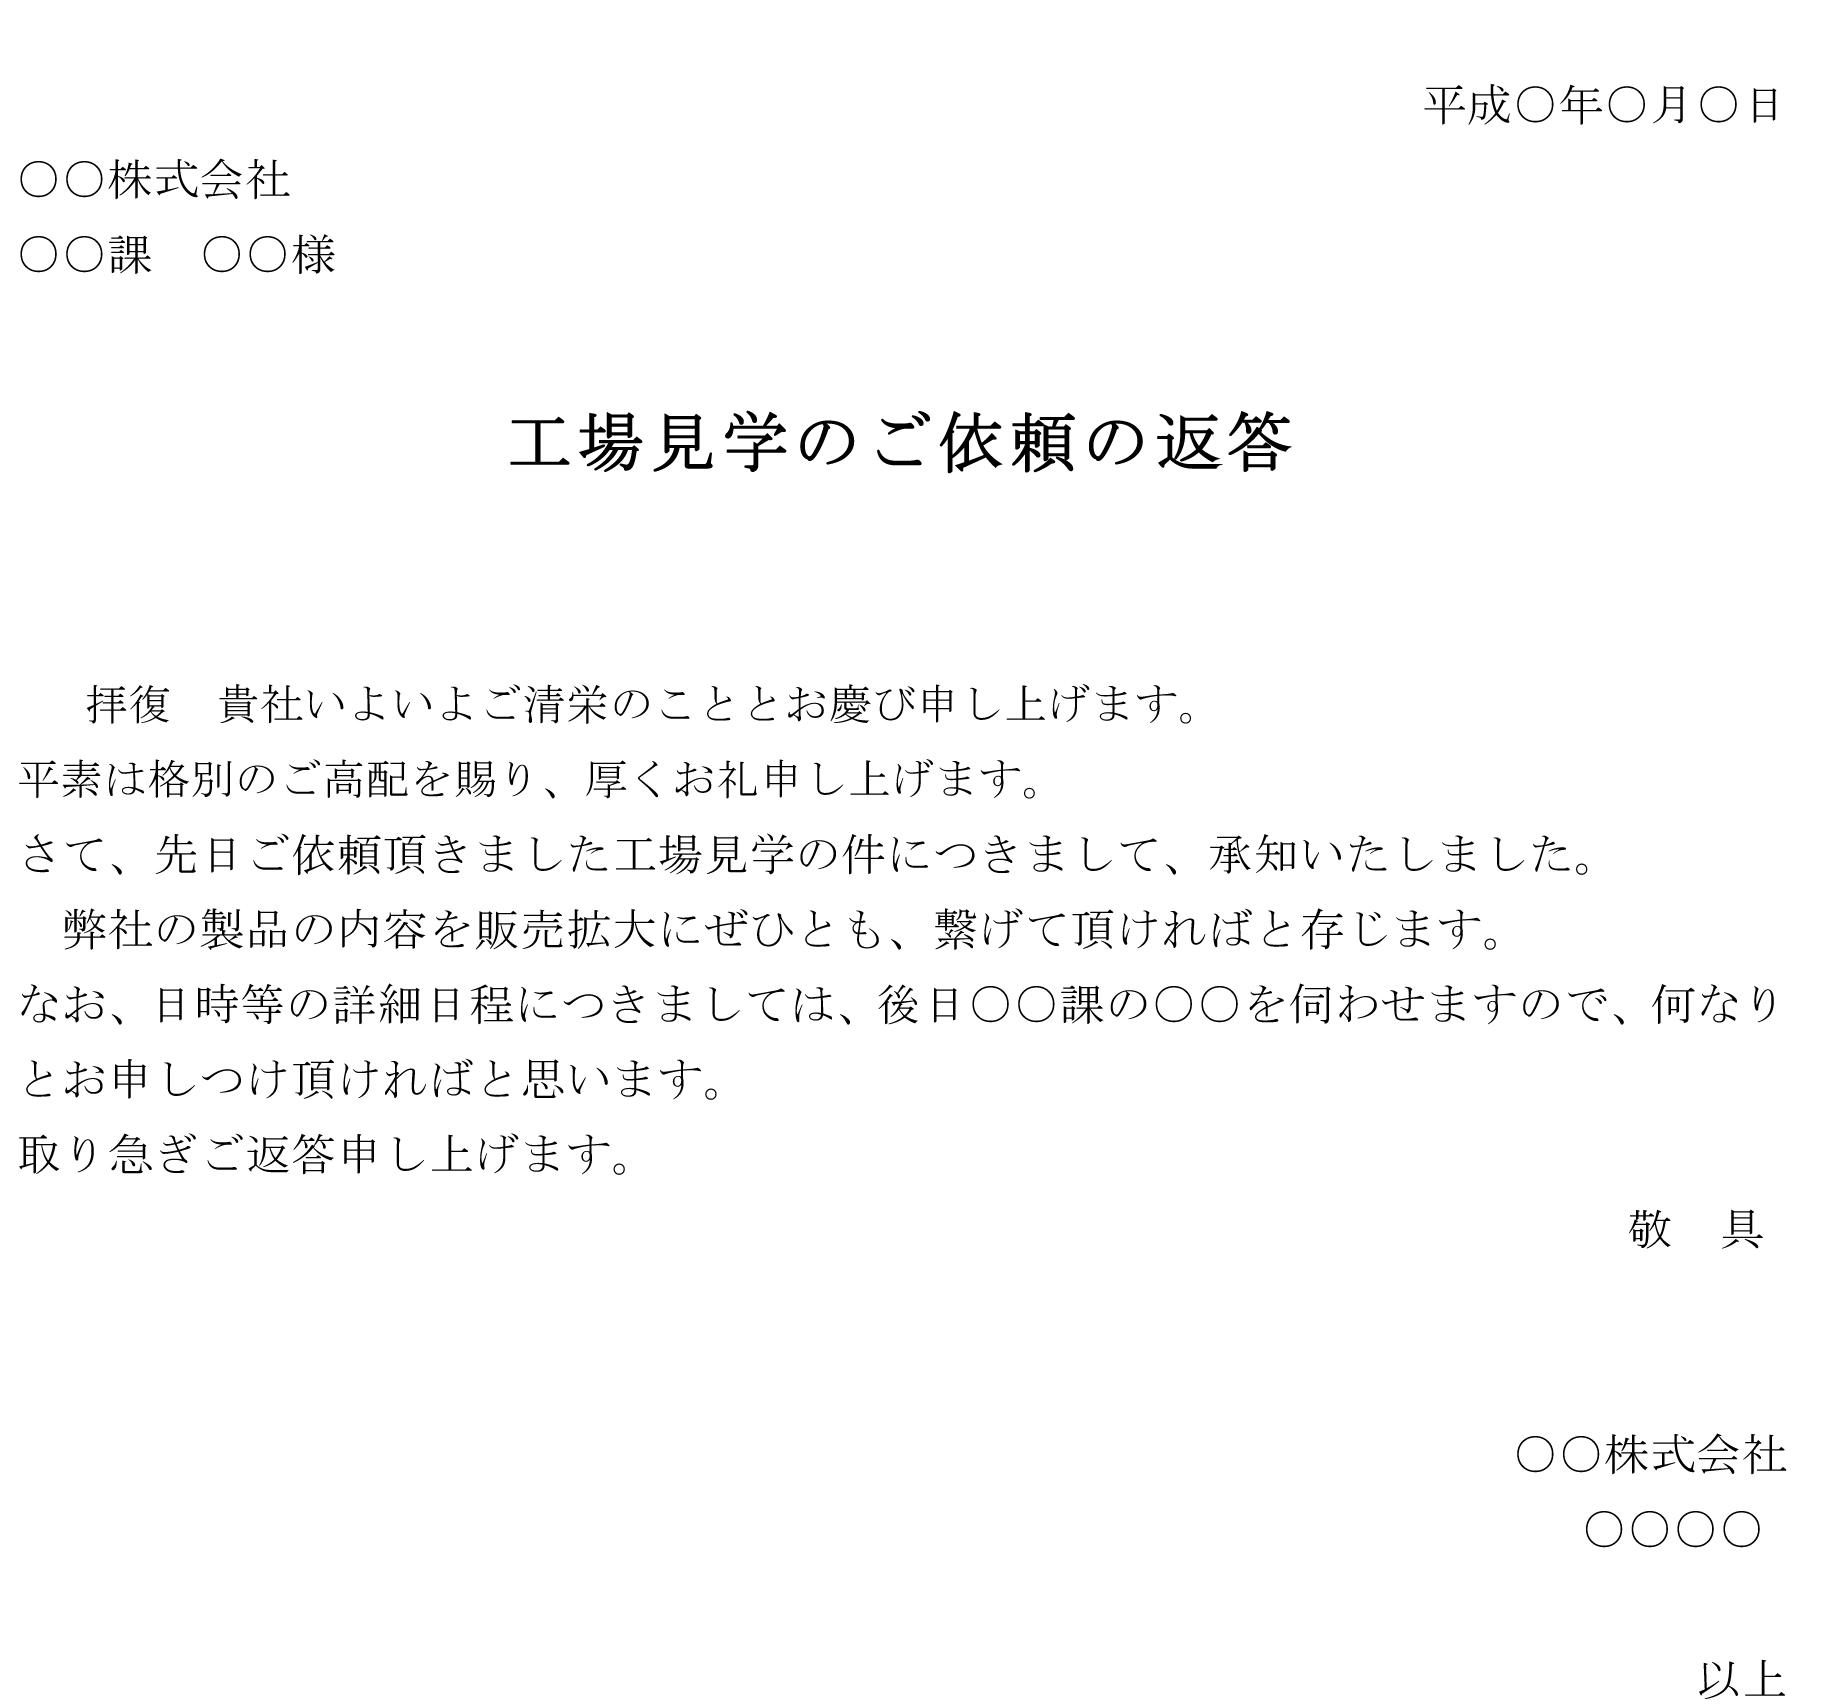 回答書(工場見学依頼)02